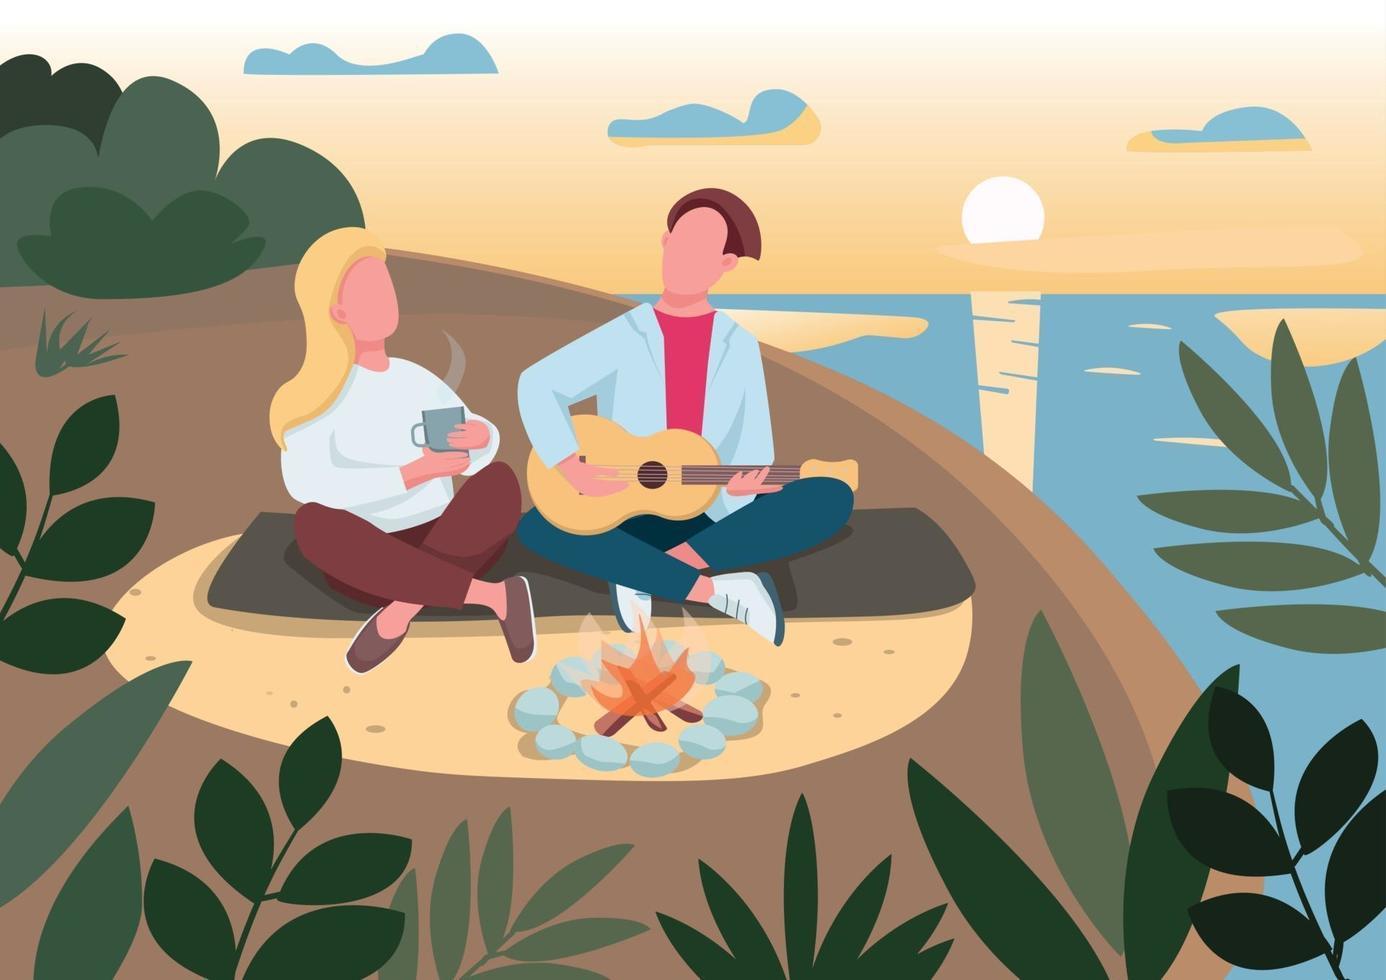 strand picknick platt färg vektorillustration. man spelar gitarr. pojkvän och flickvän camping. par på romantiska sommaren datum 2d seriefigurer med havet och solnedgången på bakgrunden vektor